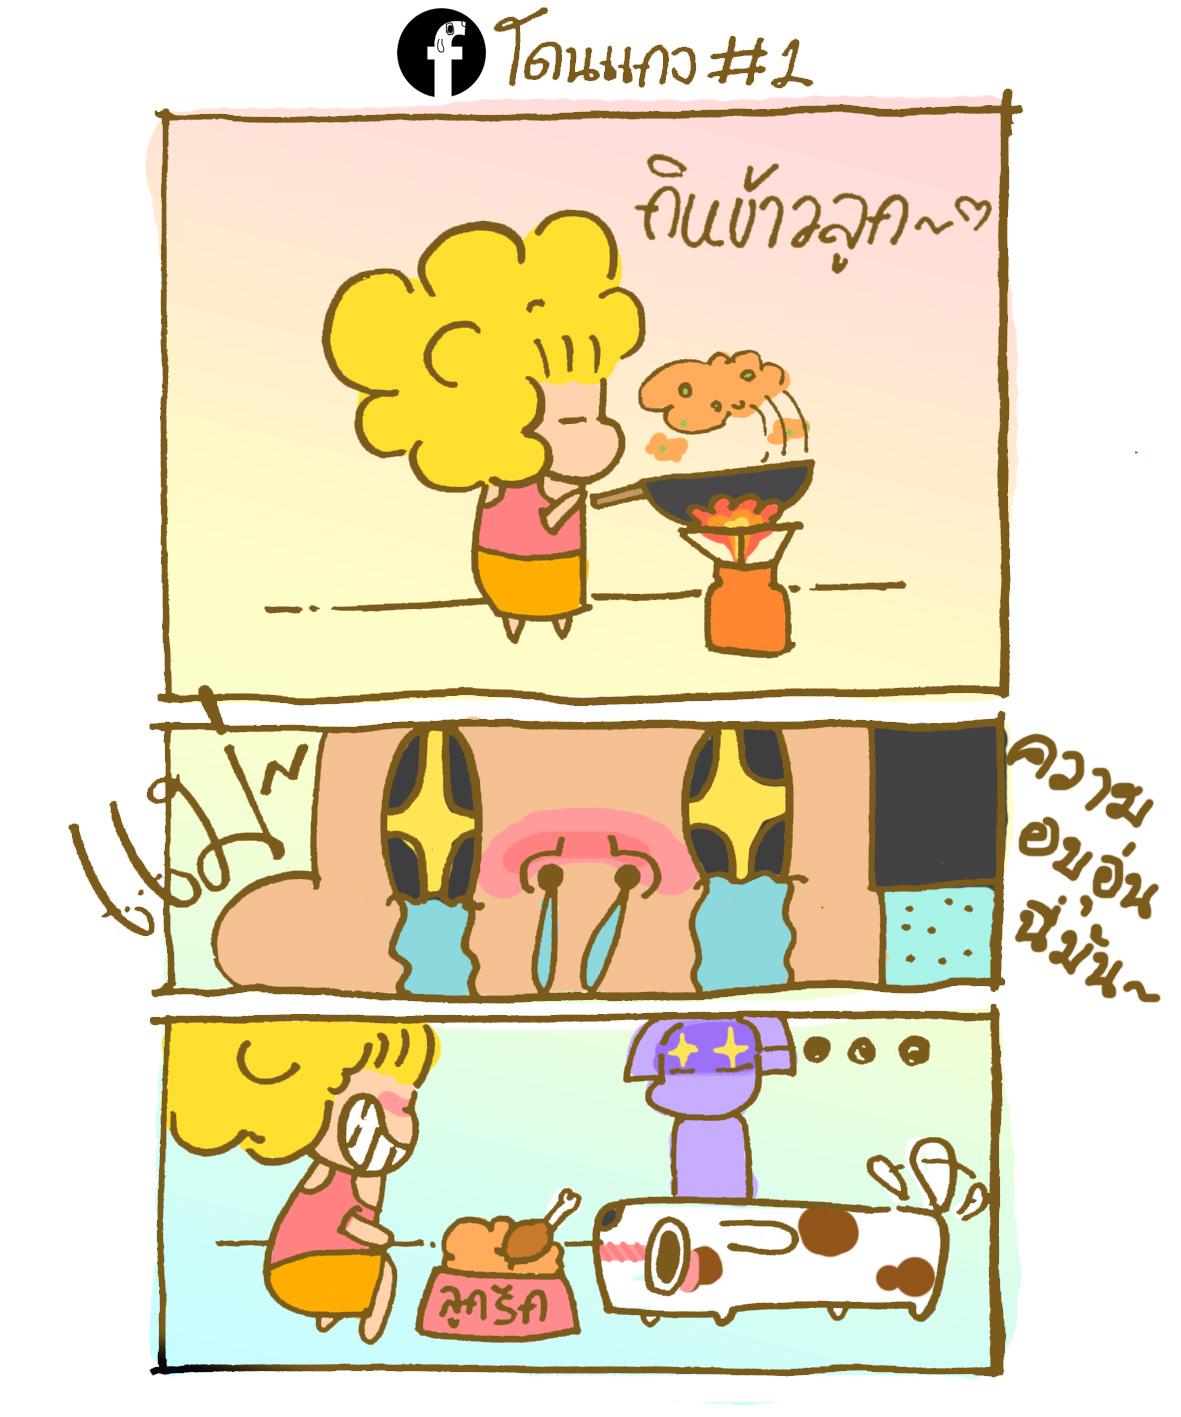 มูมู่ - สายใยรักจากแม่